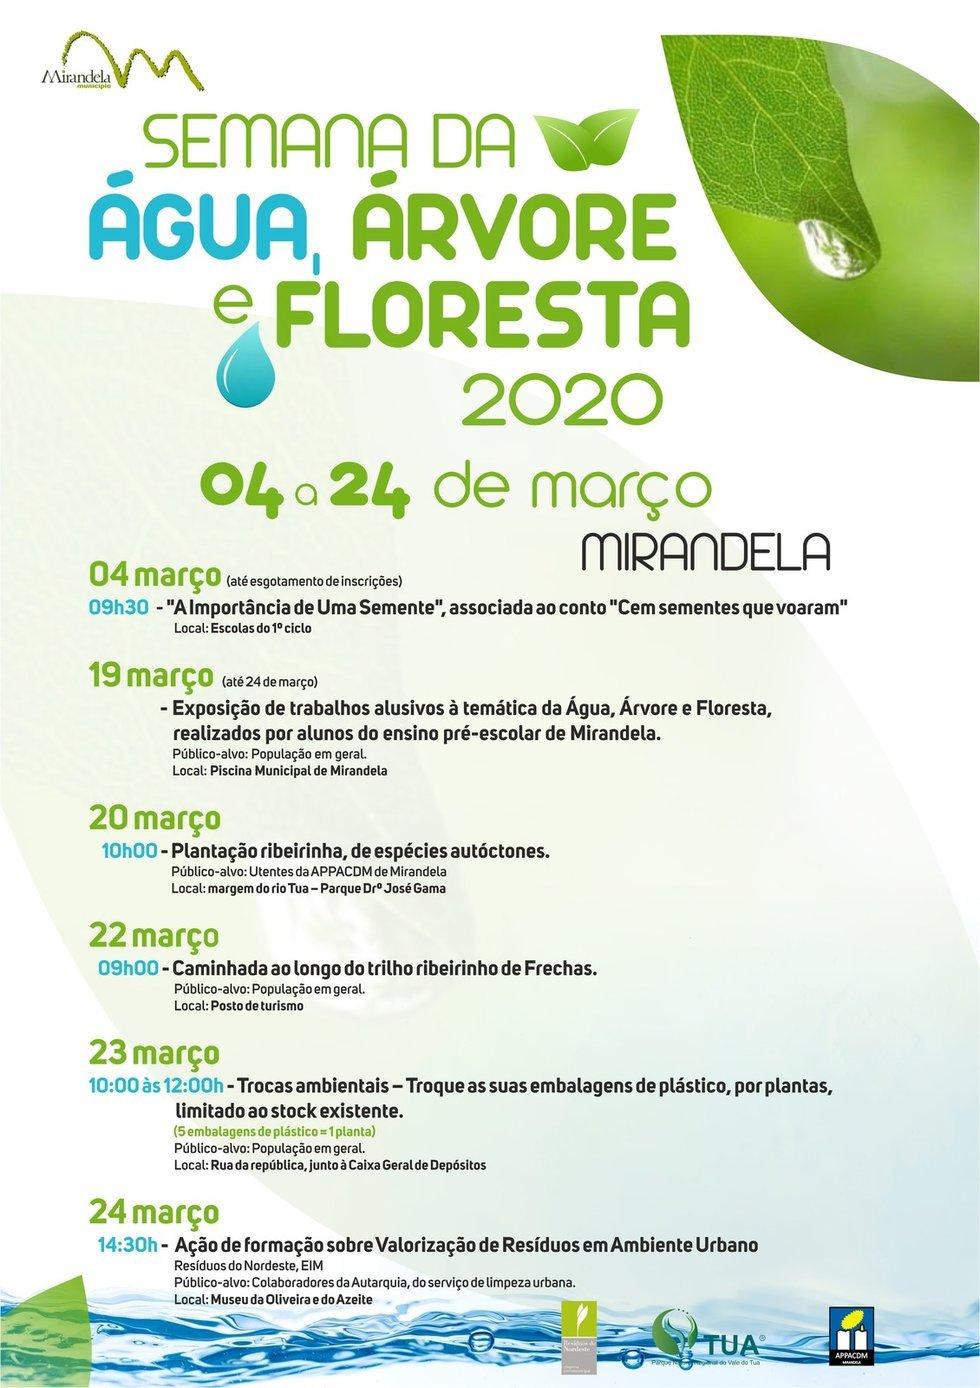 (Suspenso) Semana da Água, Árvore e Floresta 2020